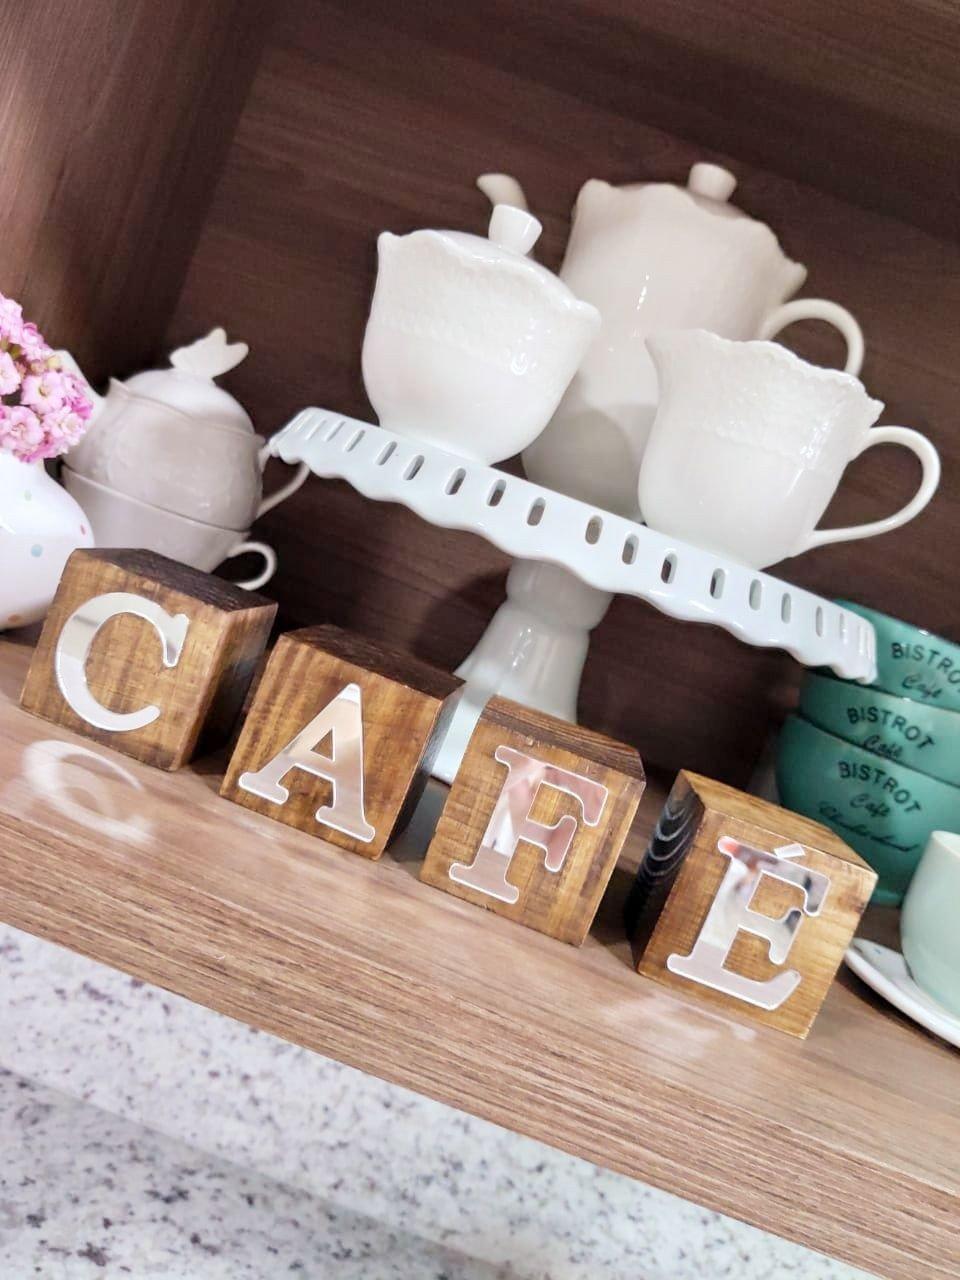 cubos de madeira decorativo cafe espelhado casa cafe e mel